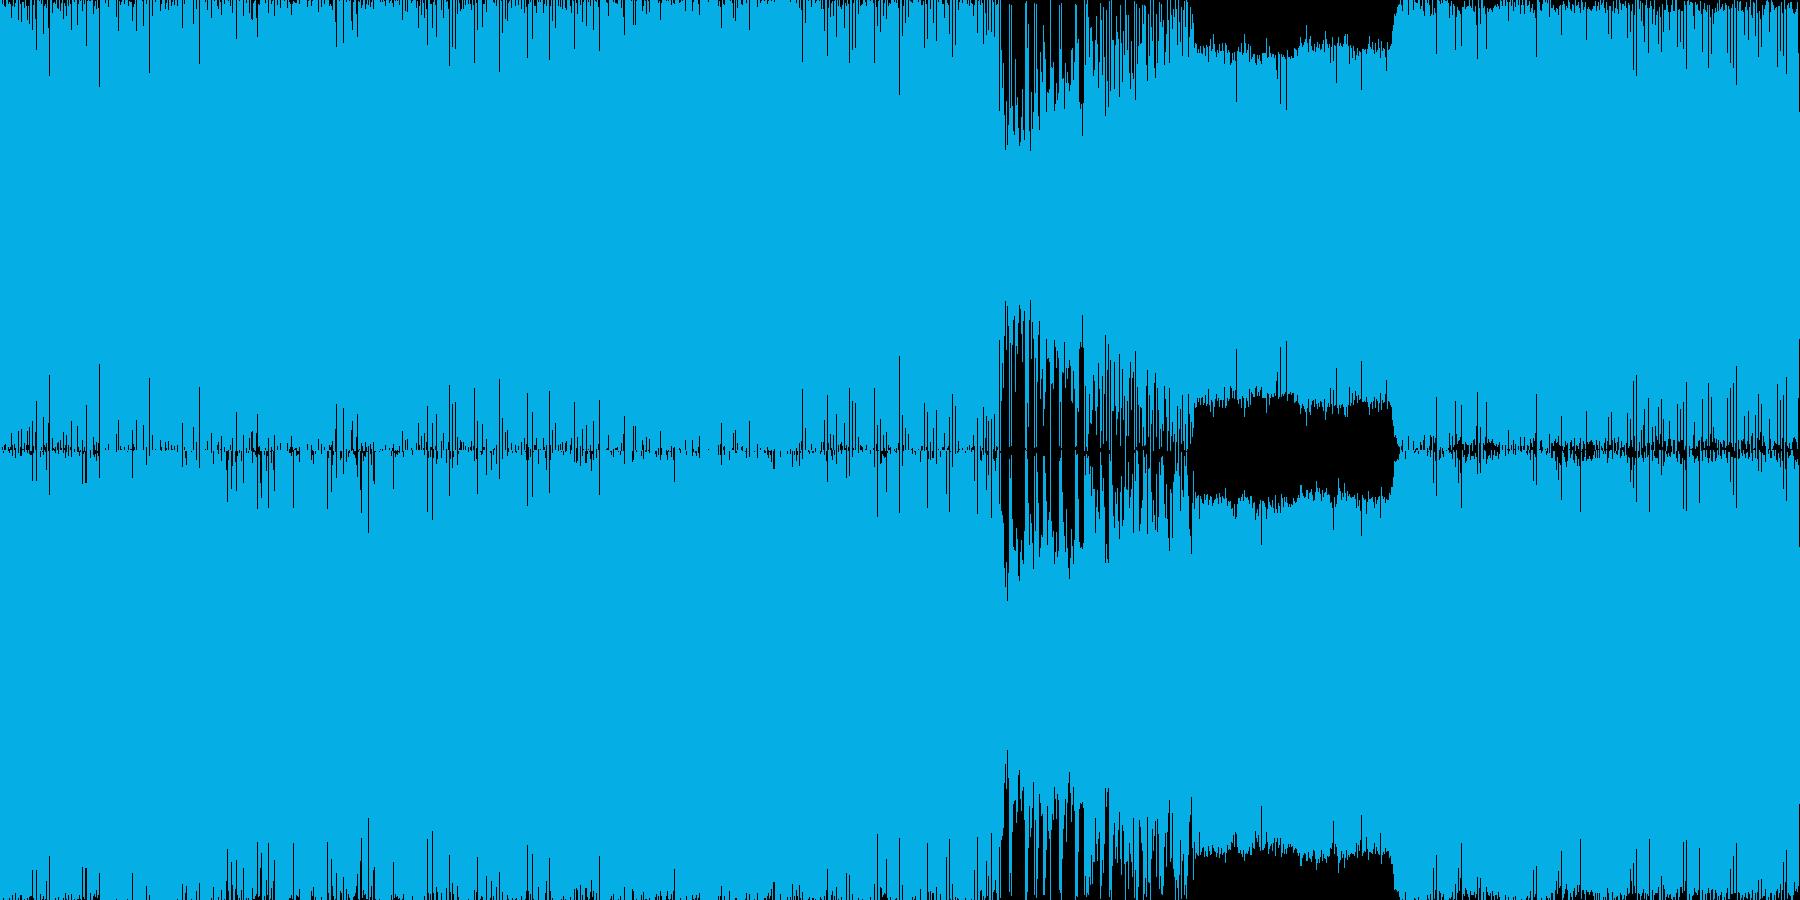 ファンタジーRPGでのボスバトル想定の…の再生済みの波形